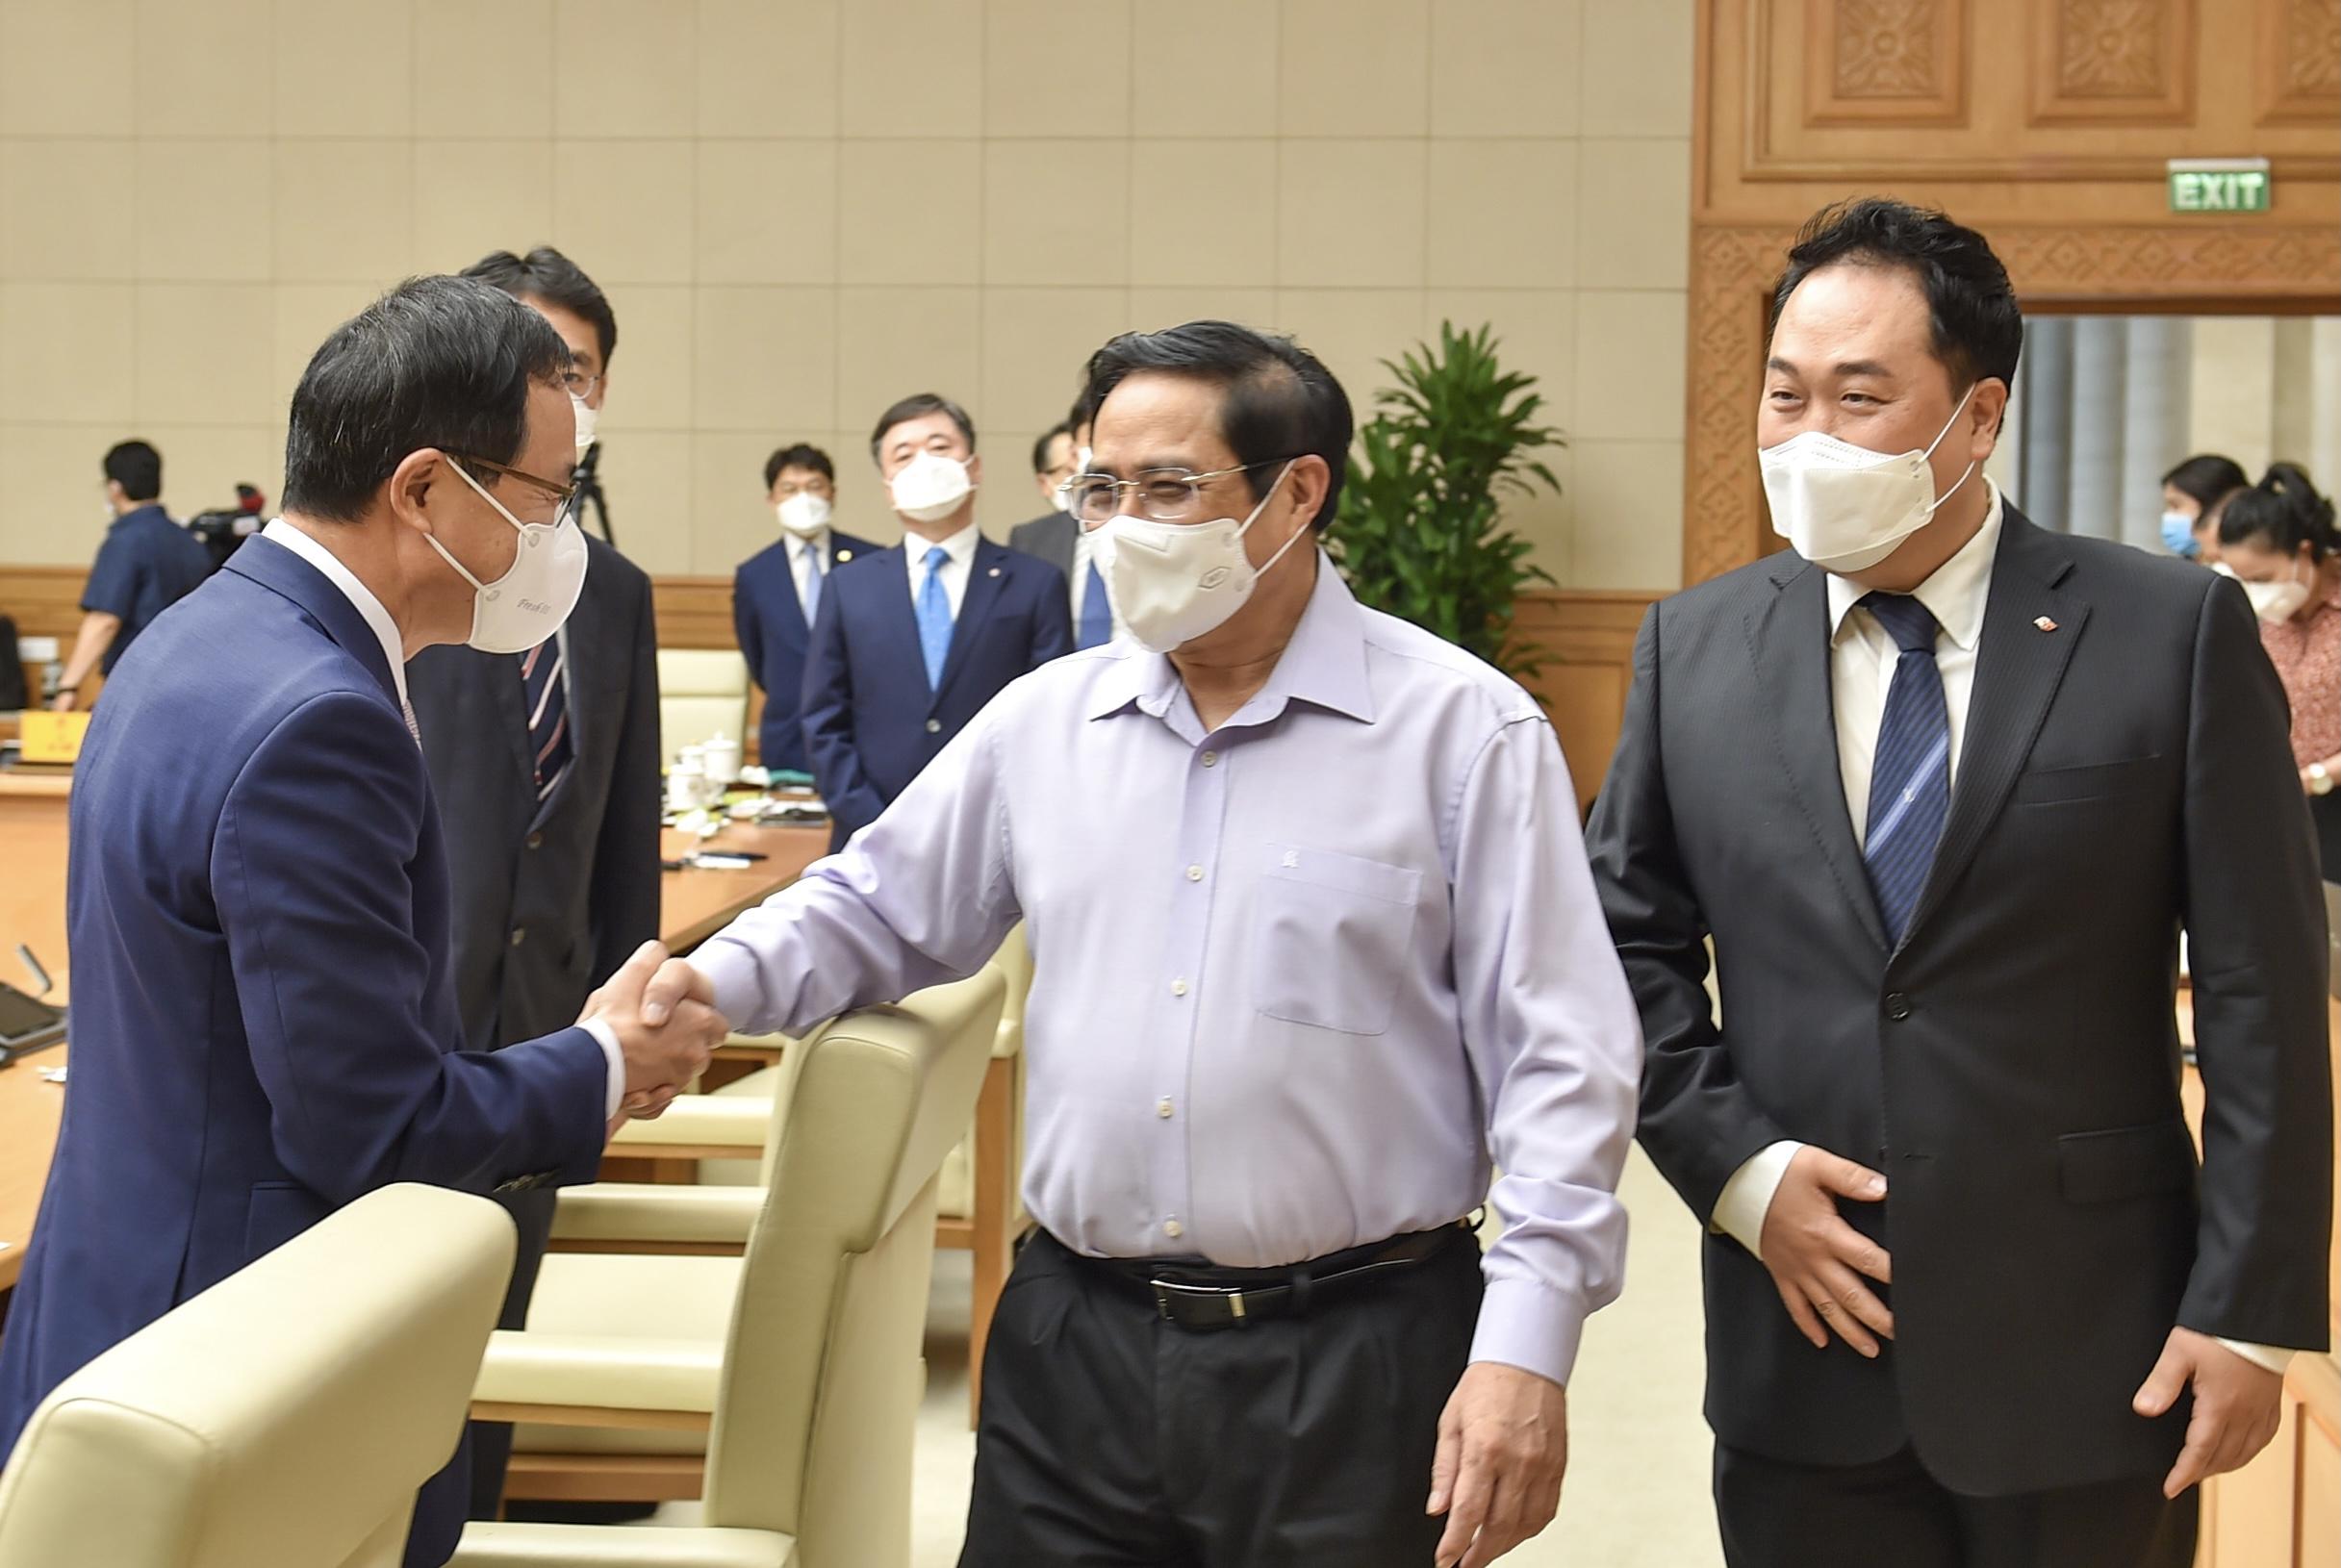 Thủ tướng Phạm Minh Chính và các đại biểu dự cuộc làm việc - Ảnh: VGP/Nhật Bắc